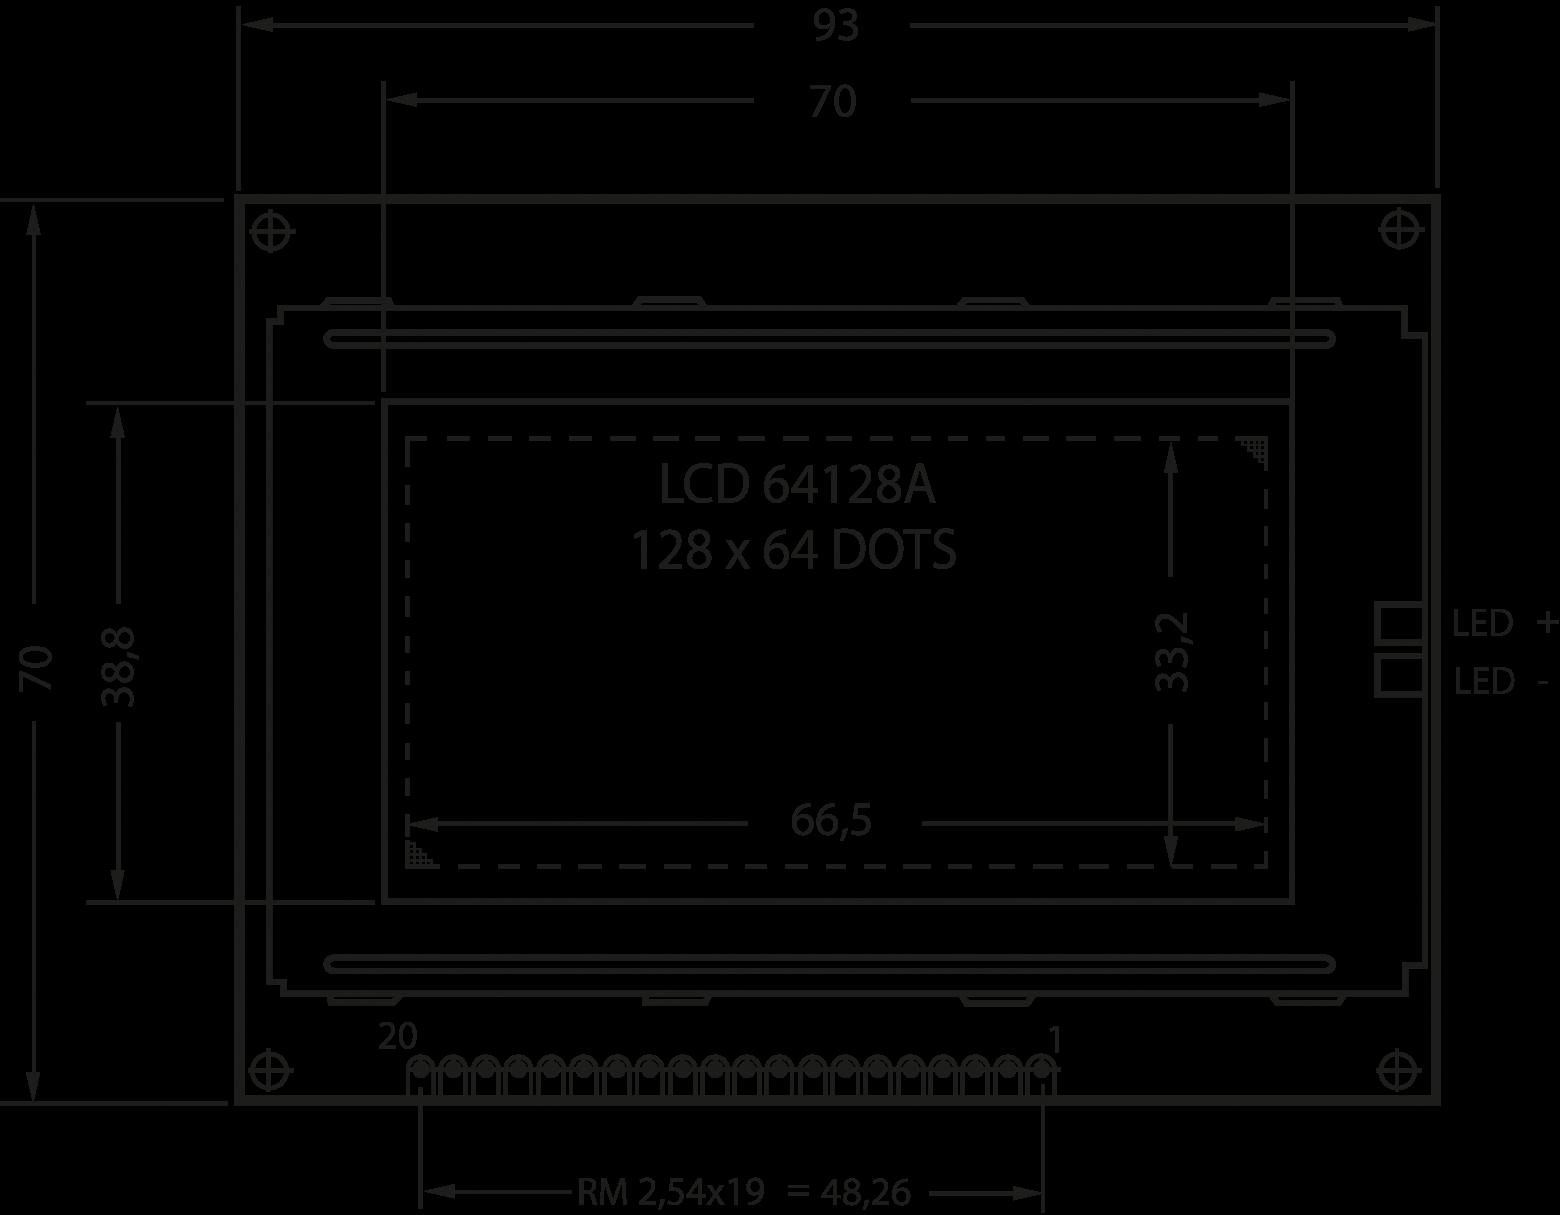 https://cdn-reichelt.de/bilder/web/xxl_ws/A500/LCD64128.png